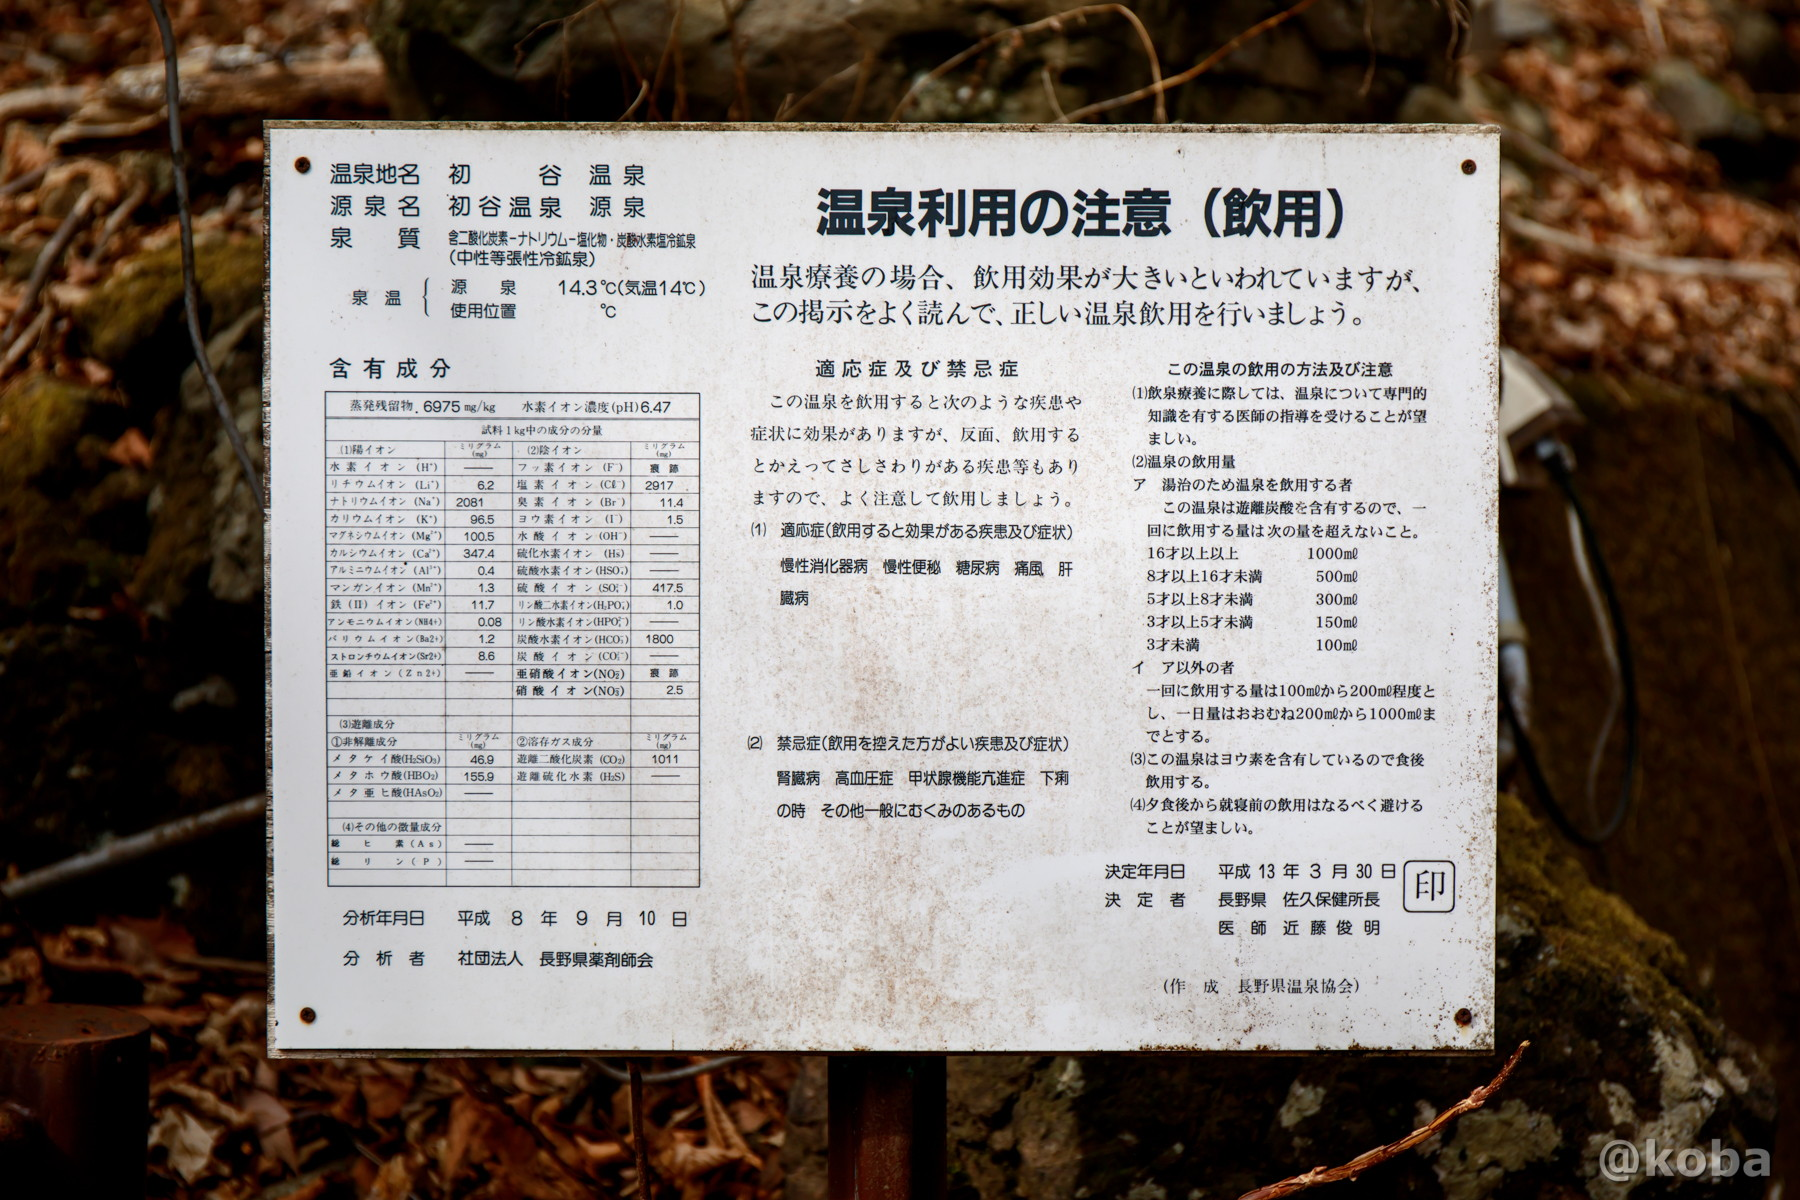 「温泉利用の注意(飲用)」看板の写真|内山峠 初谷温泉(うちやまとうげ しょやおんせん)|長野県佐久市